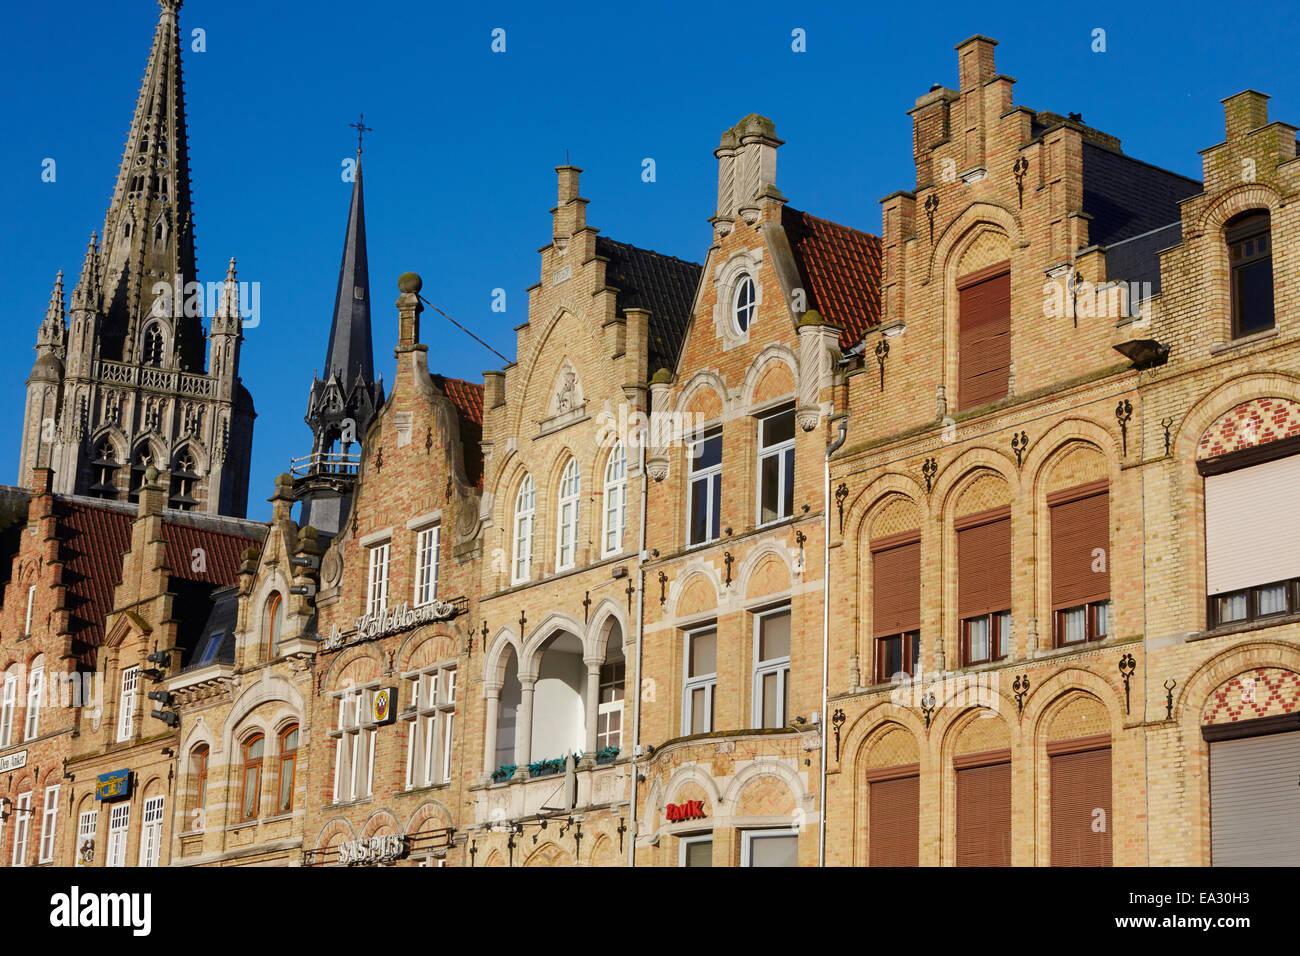 Clocher de la cathédrale et maisons flamandes à Ypres, Flandre occidentale, Belgique, Europe Photo Stock